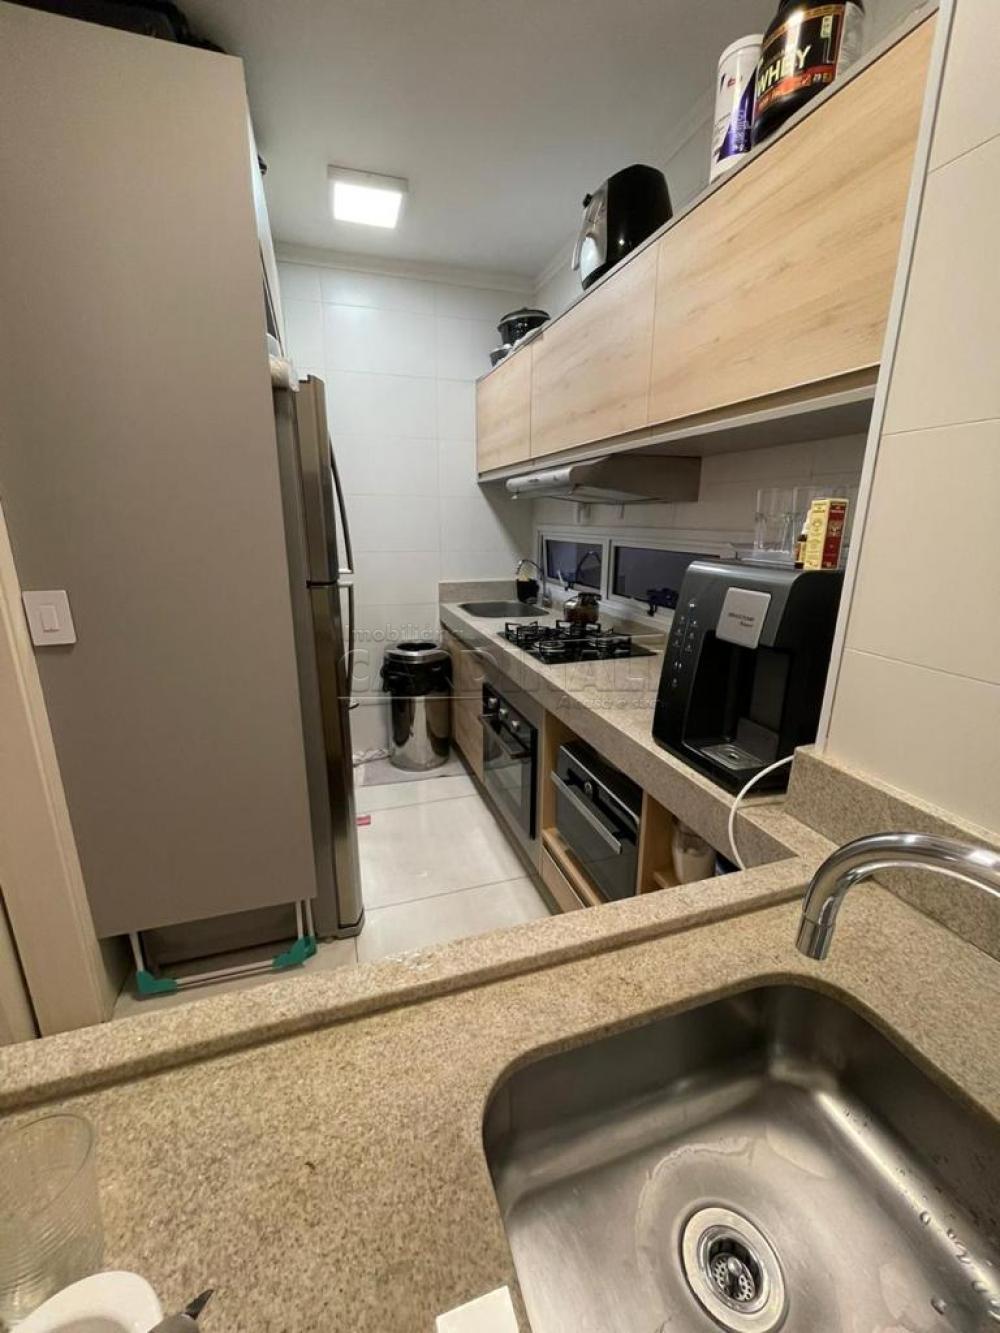 Comprar Apartamento / Padrão em São Carlos apenas R$ 980.000,00 - Foto 10